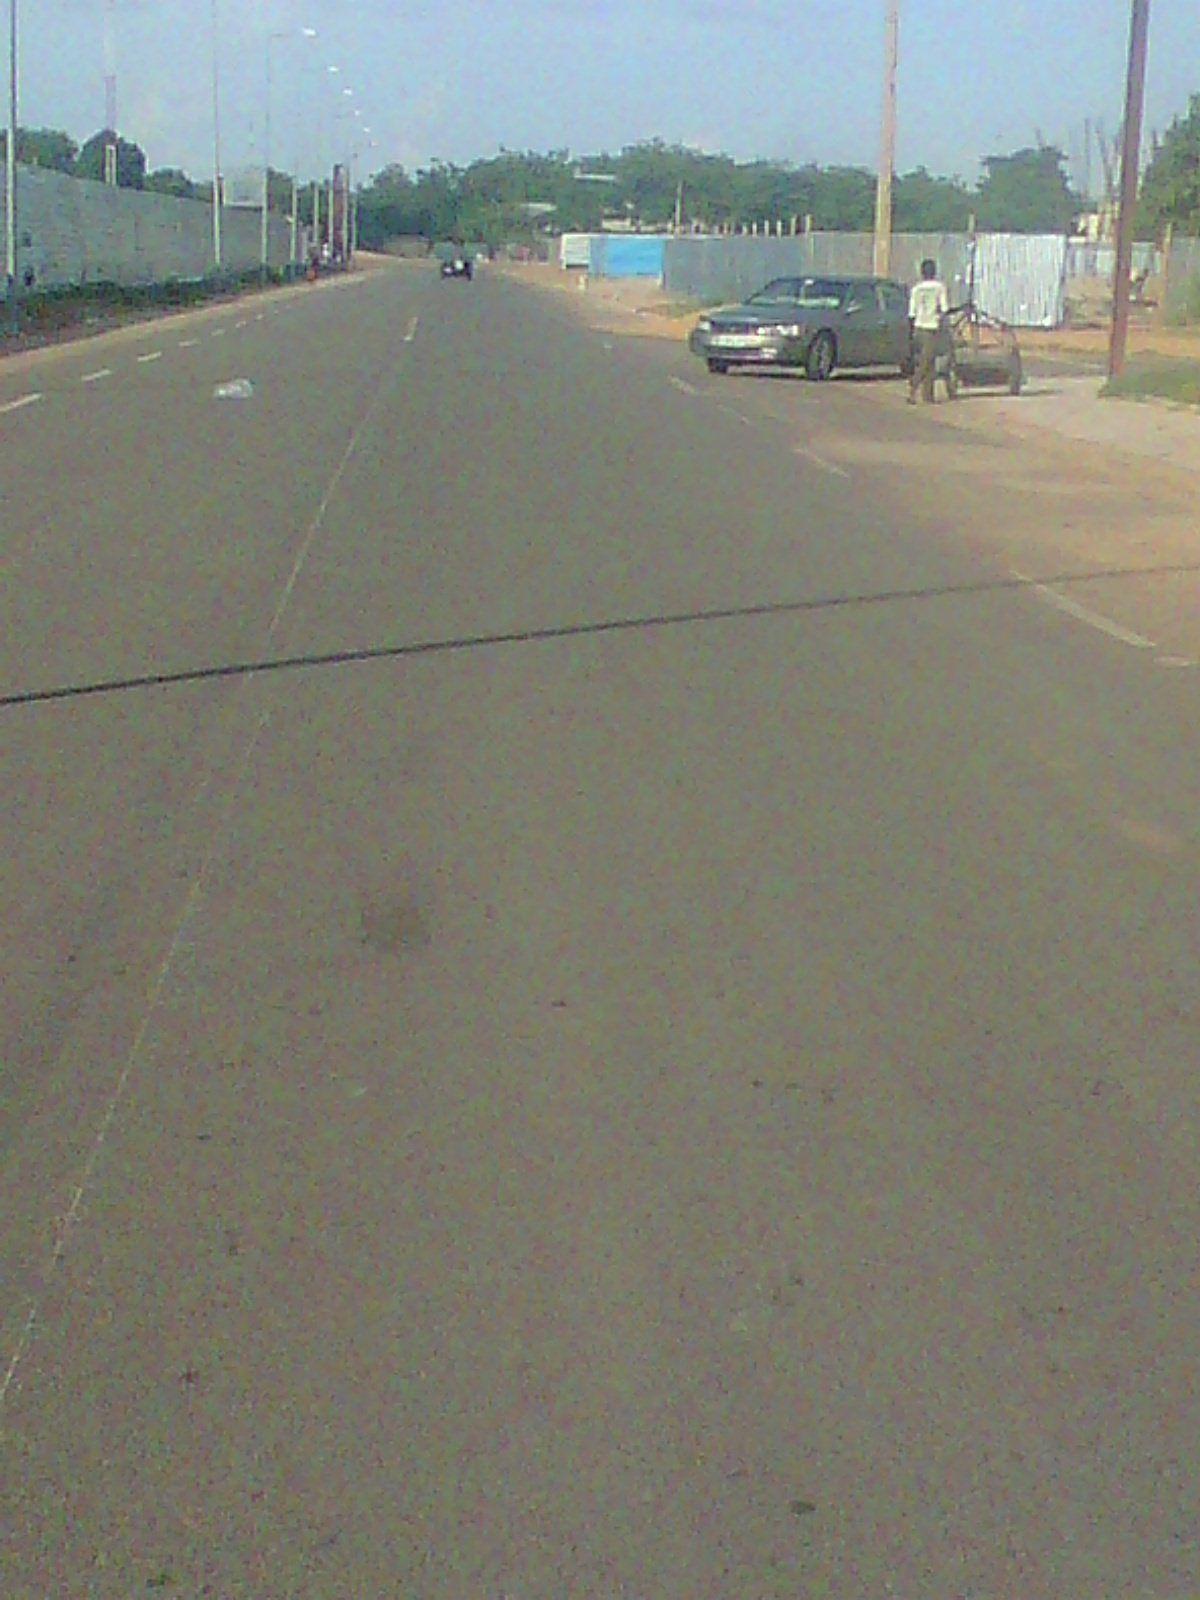 Images de la journée ville morte bien observée au Tchad